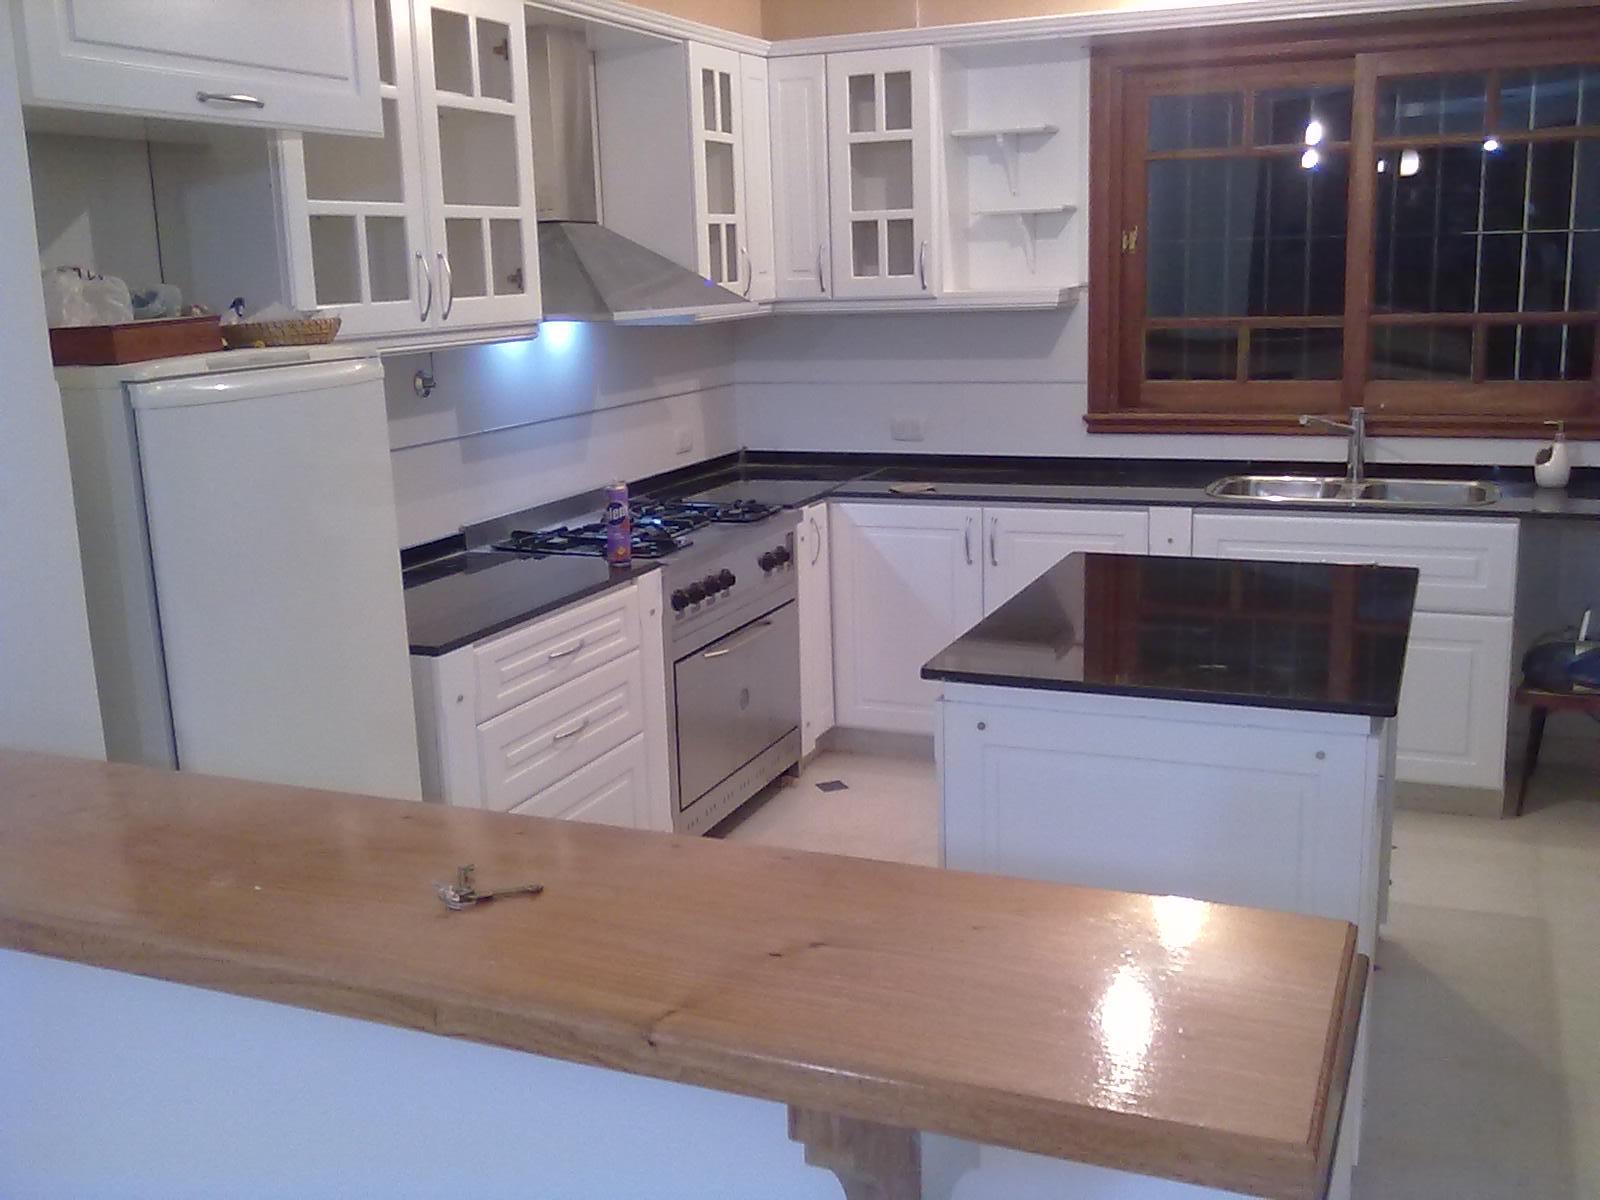 Muebles De Cocina Mdf Laqueados Ocinel Com # Muebles De Cocina Bowen